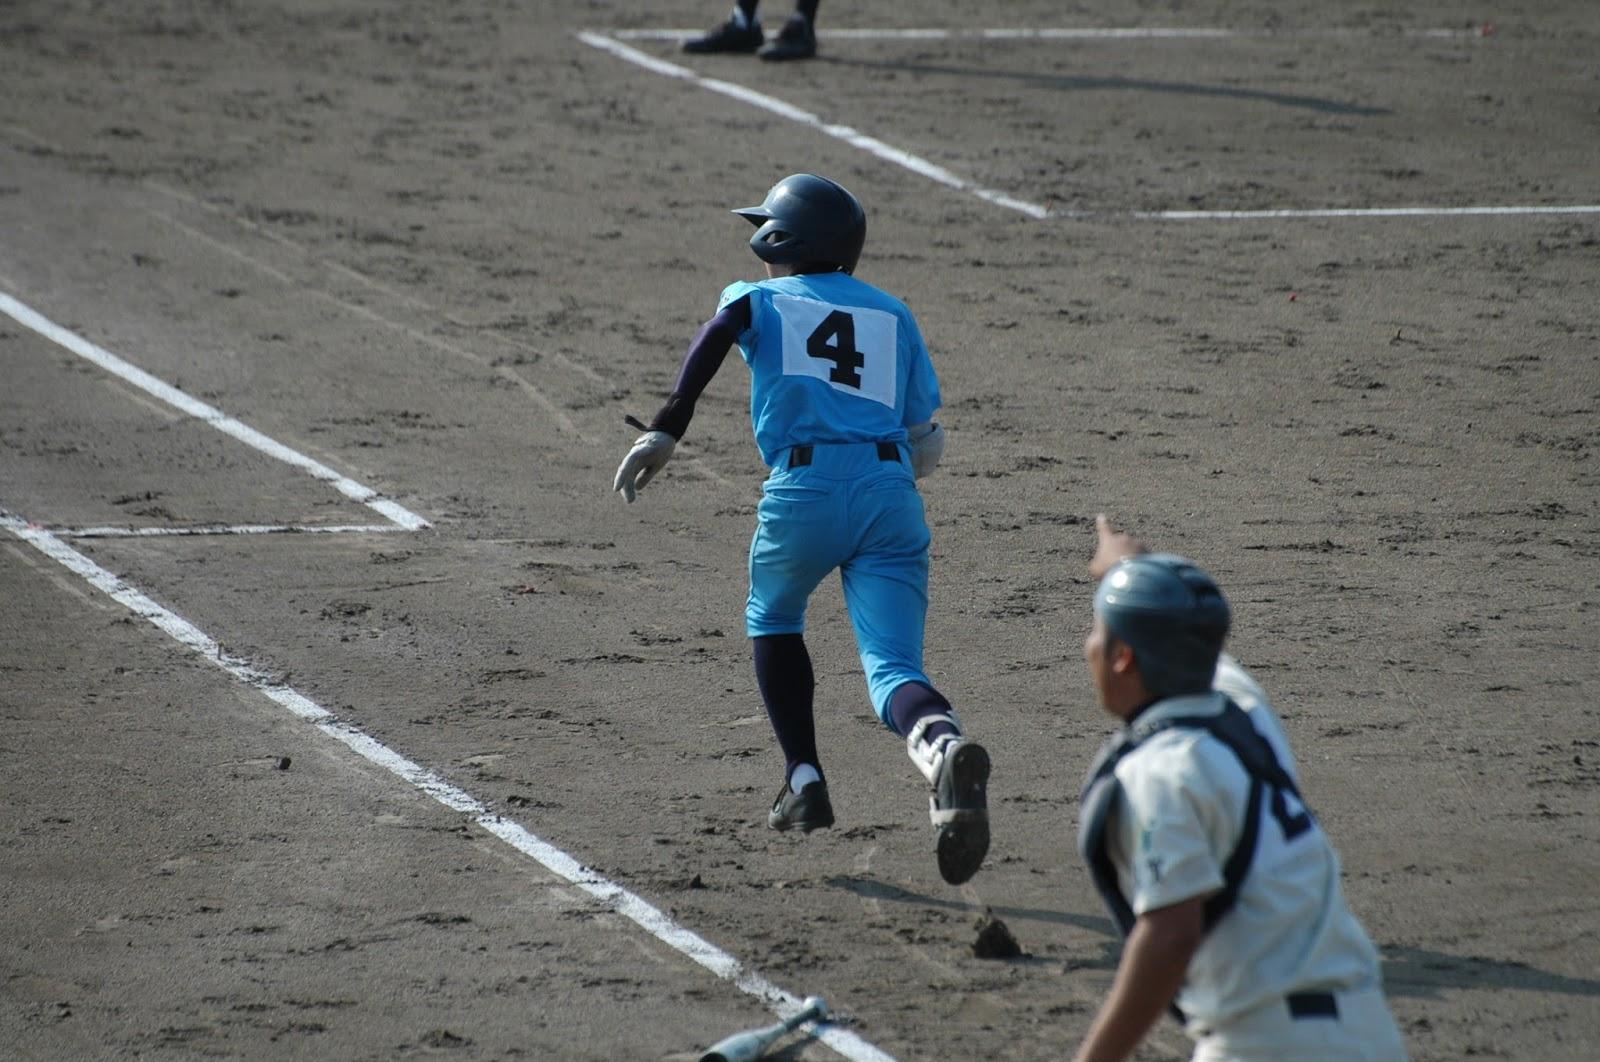 野球 サイ 愛媛 爆 県 高校